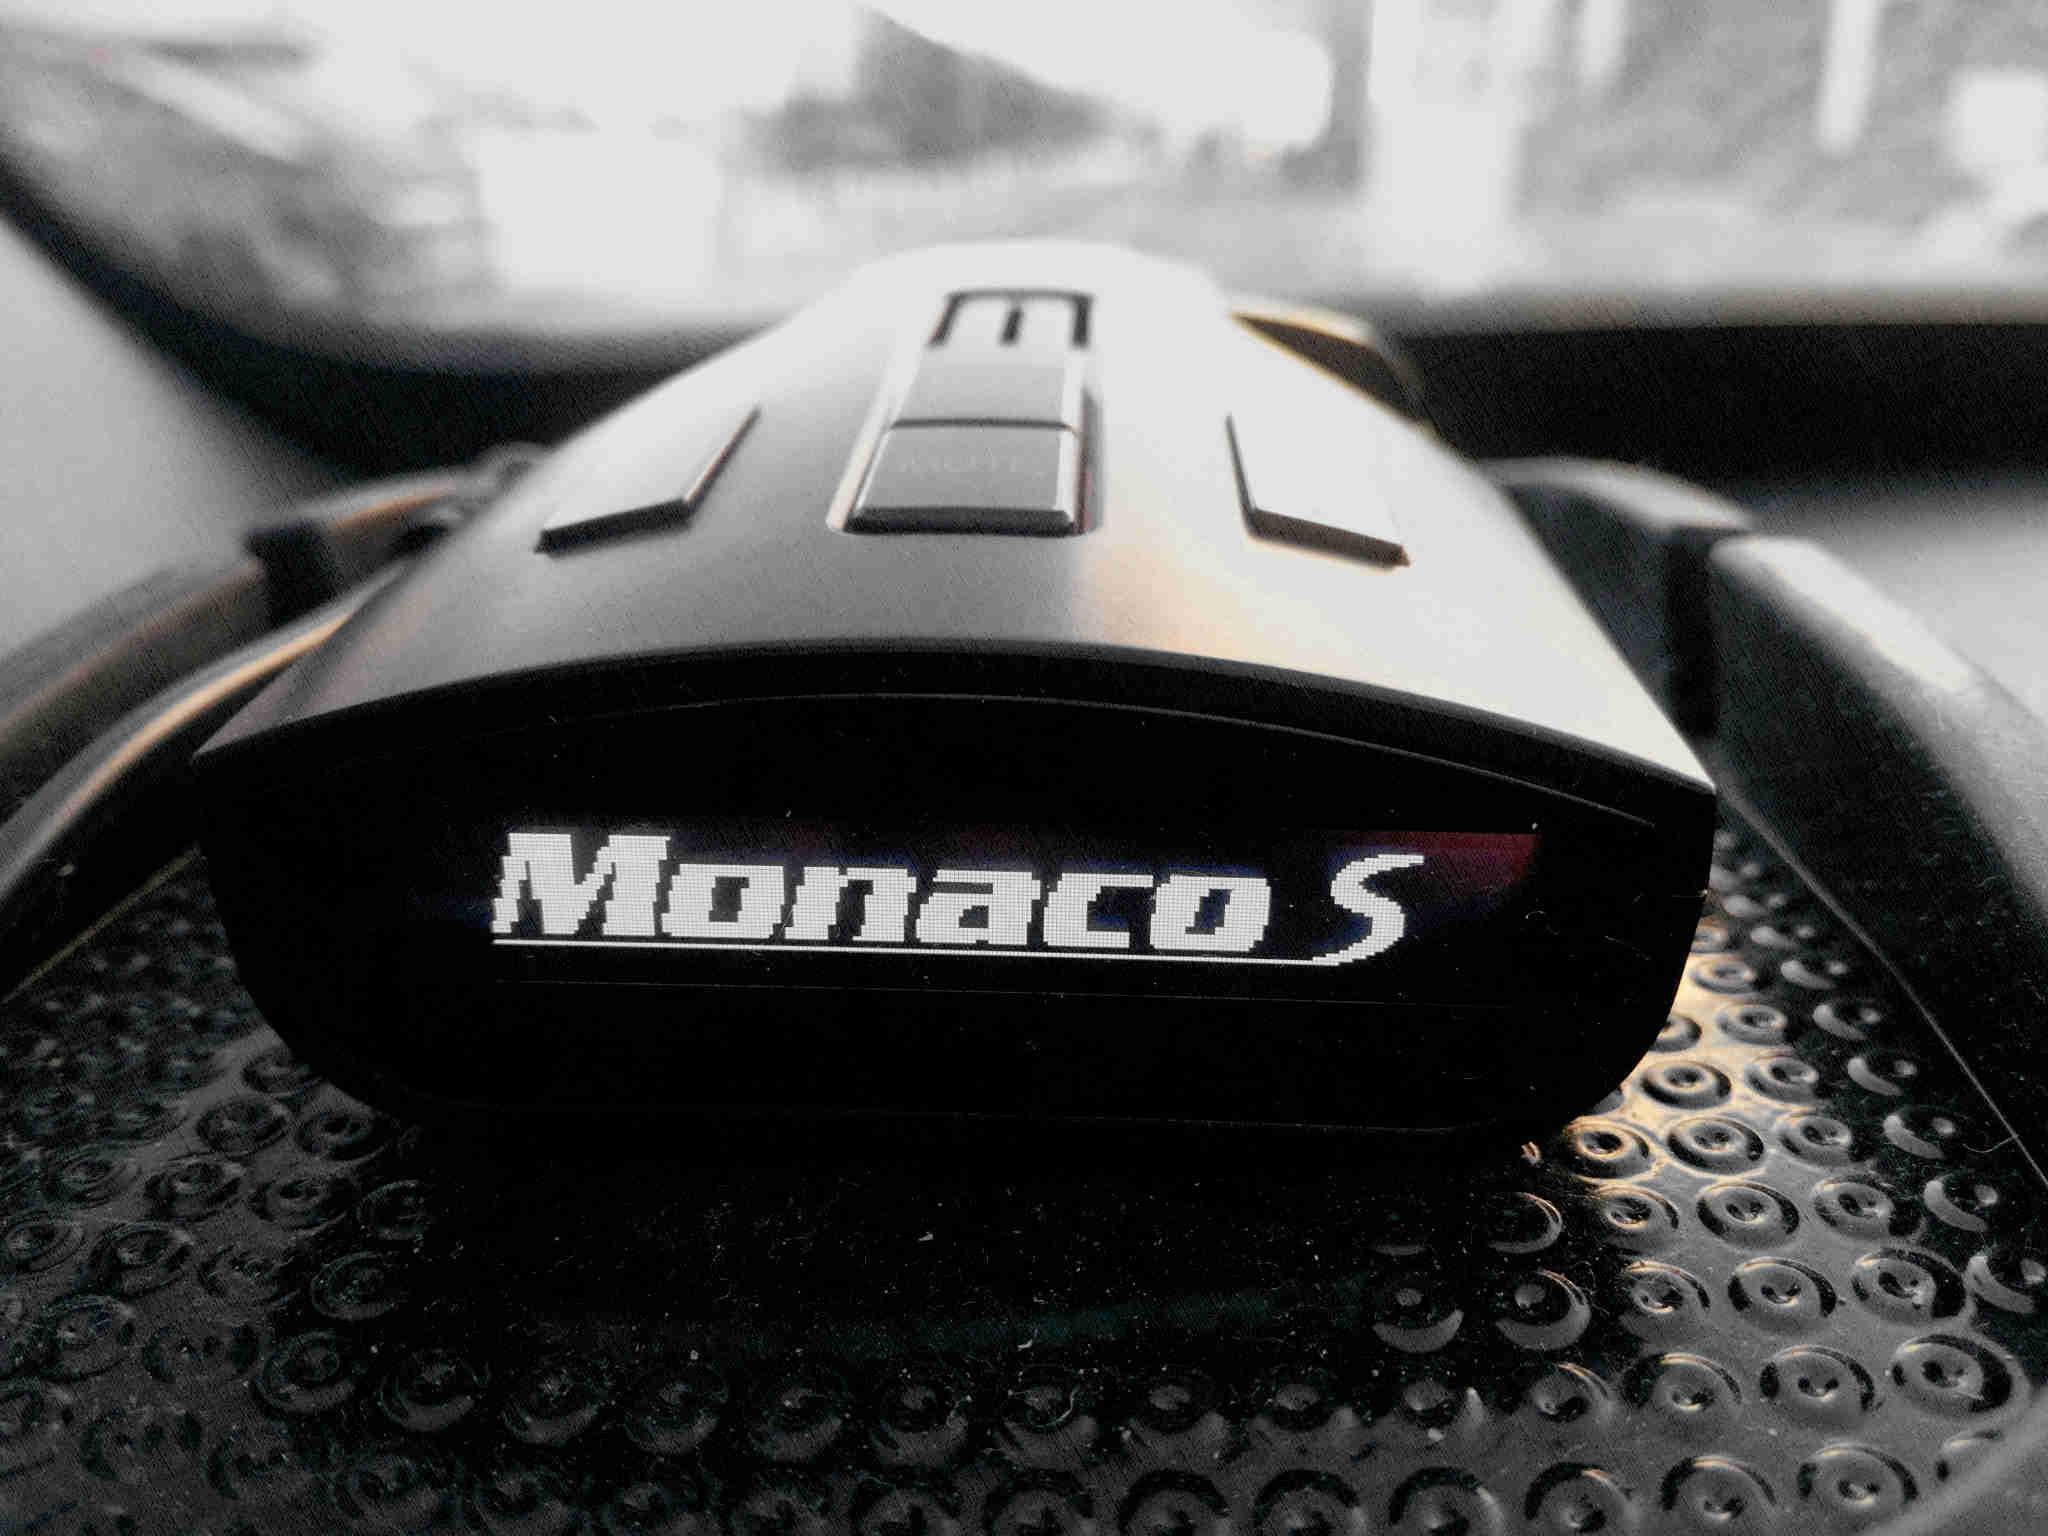 SilverStone F1 Monaco S